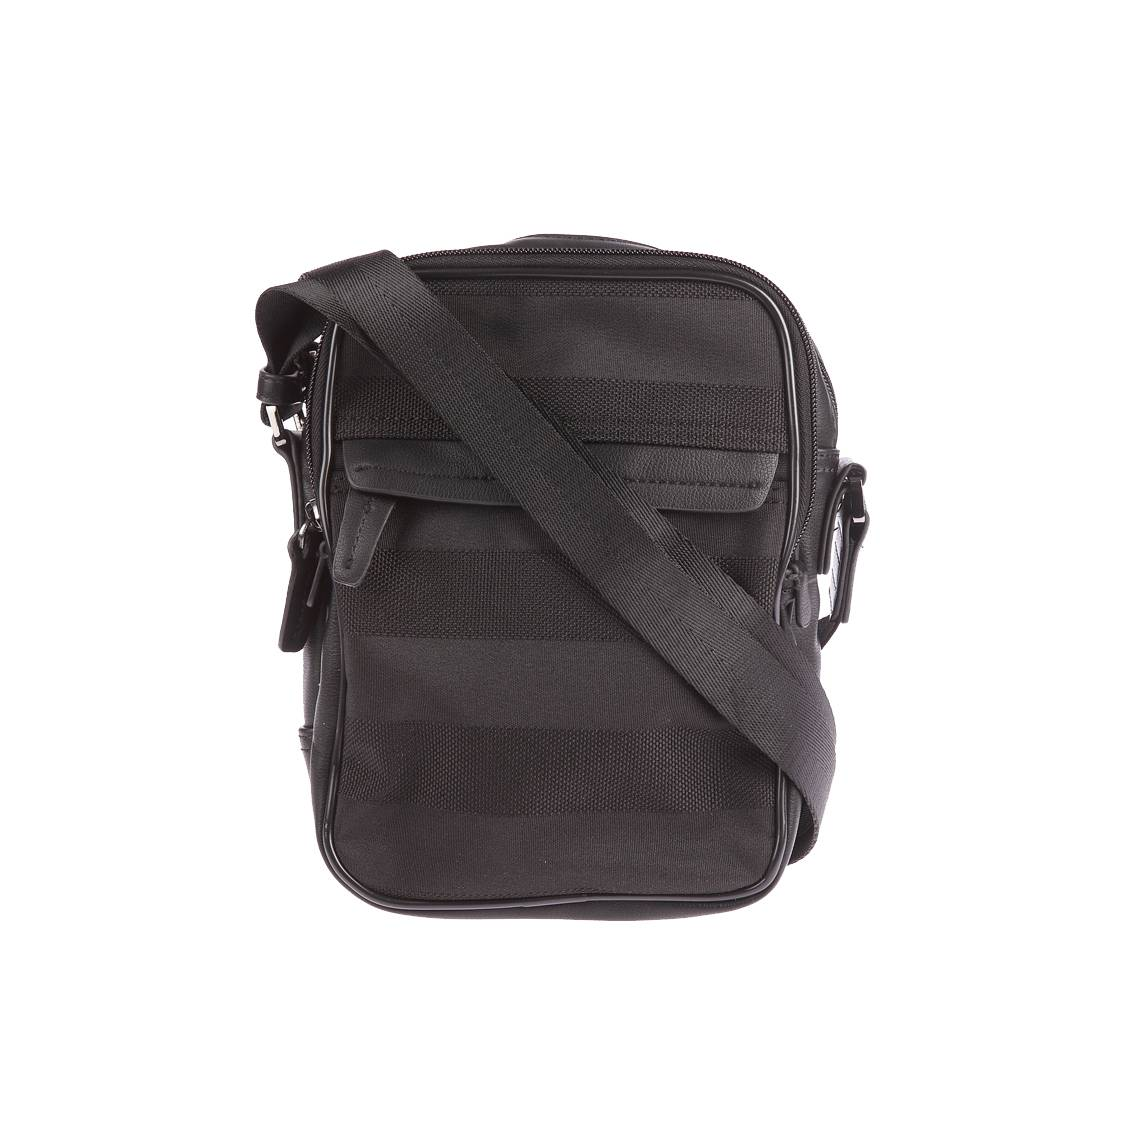 Petite sacoche zippée Serge Blanco noire à rayures ton sur ton 7yDT4V0rN